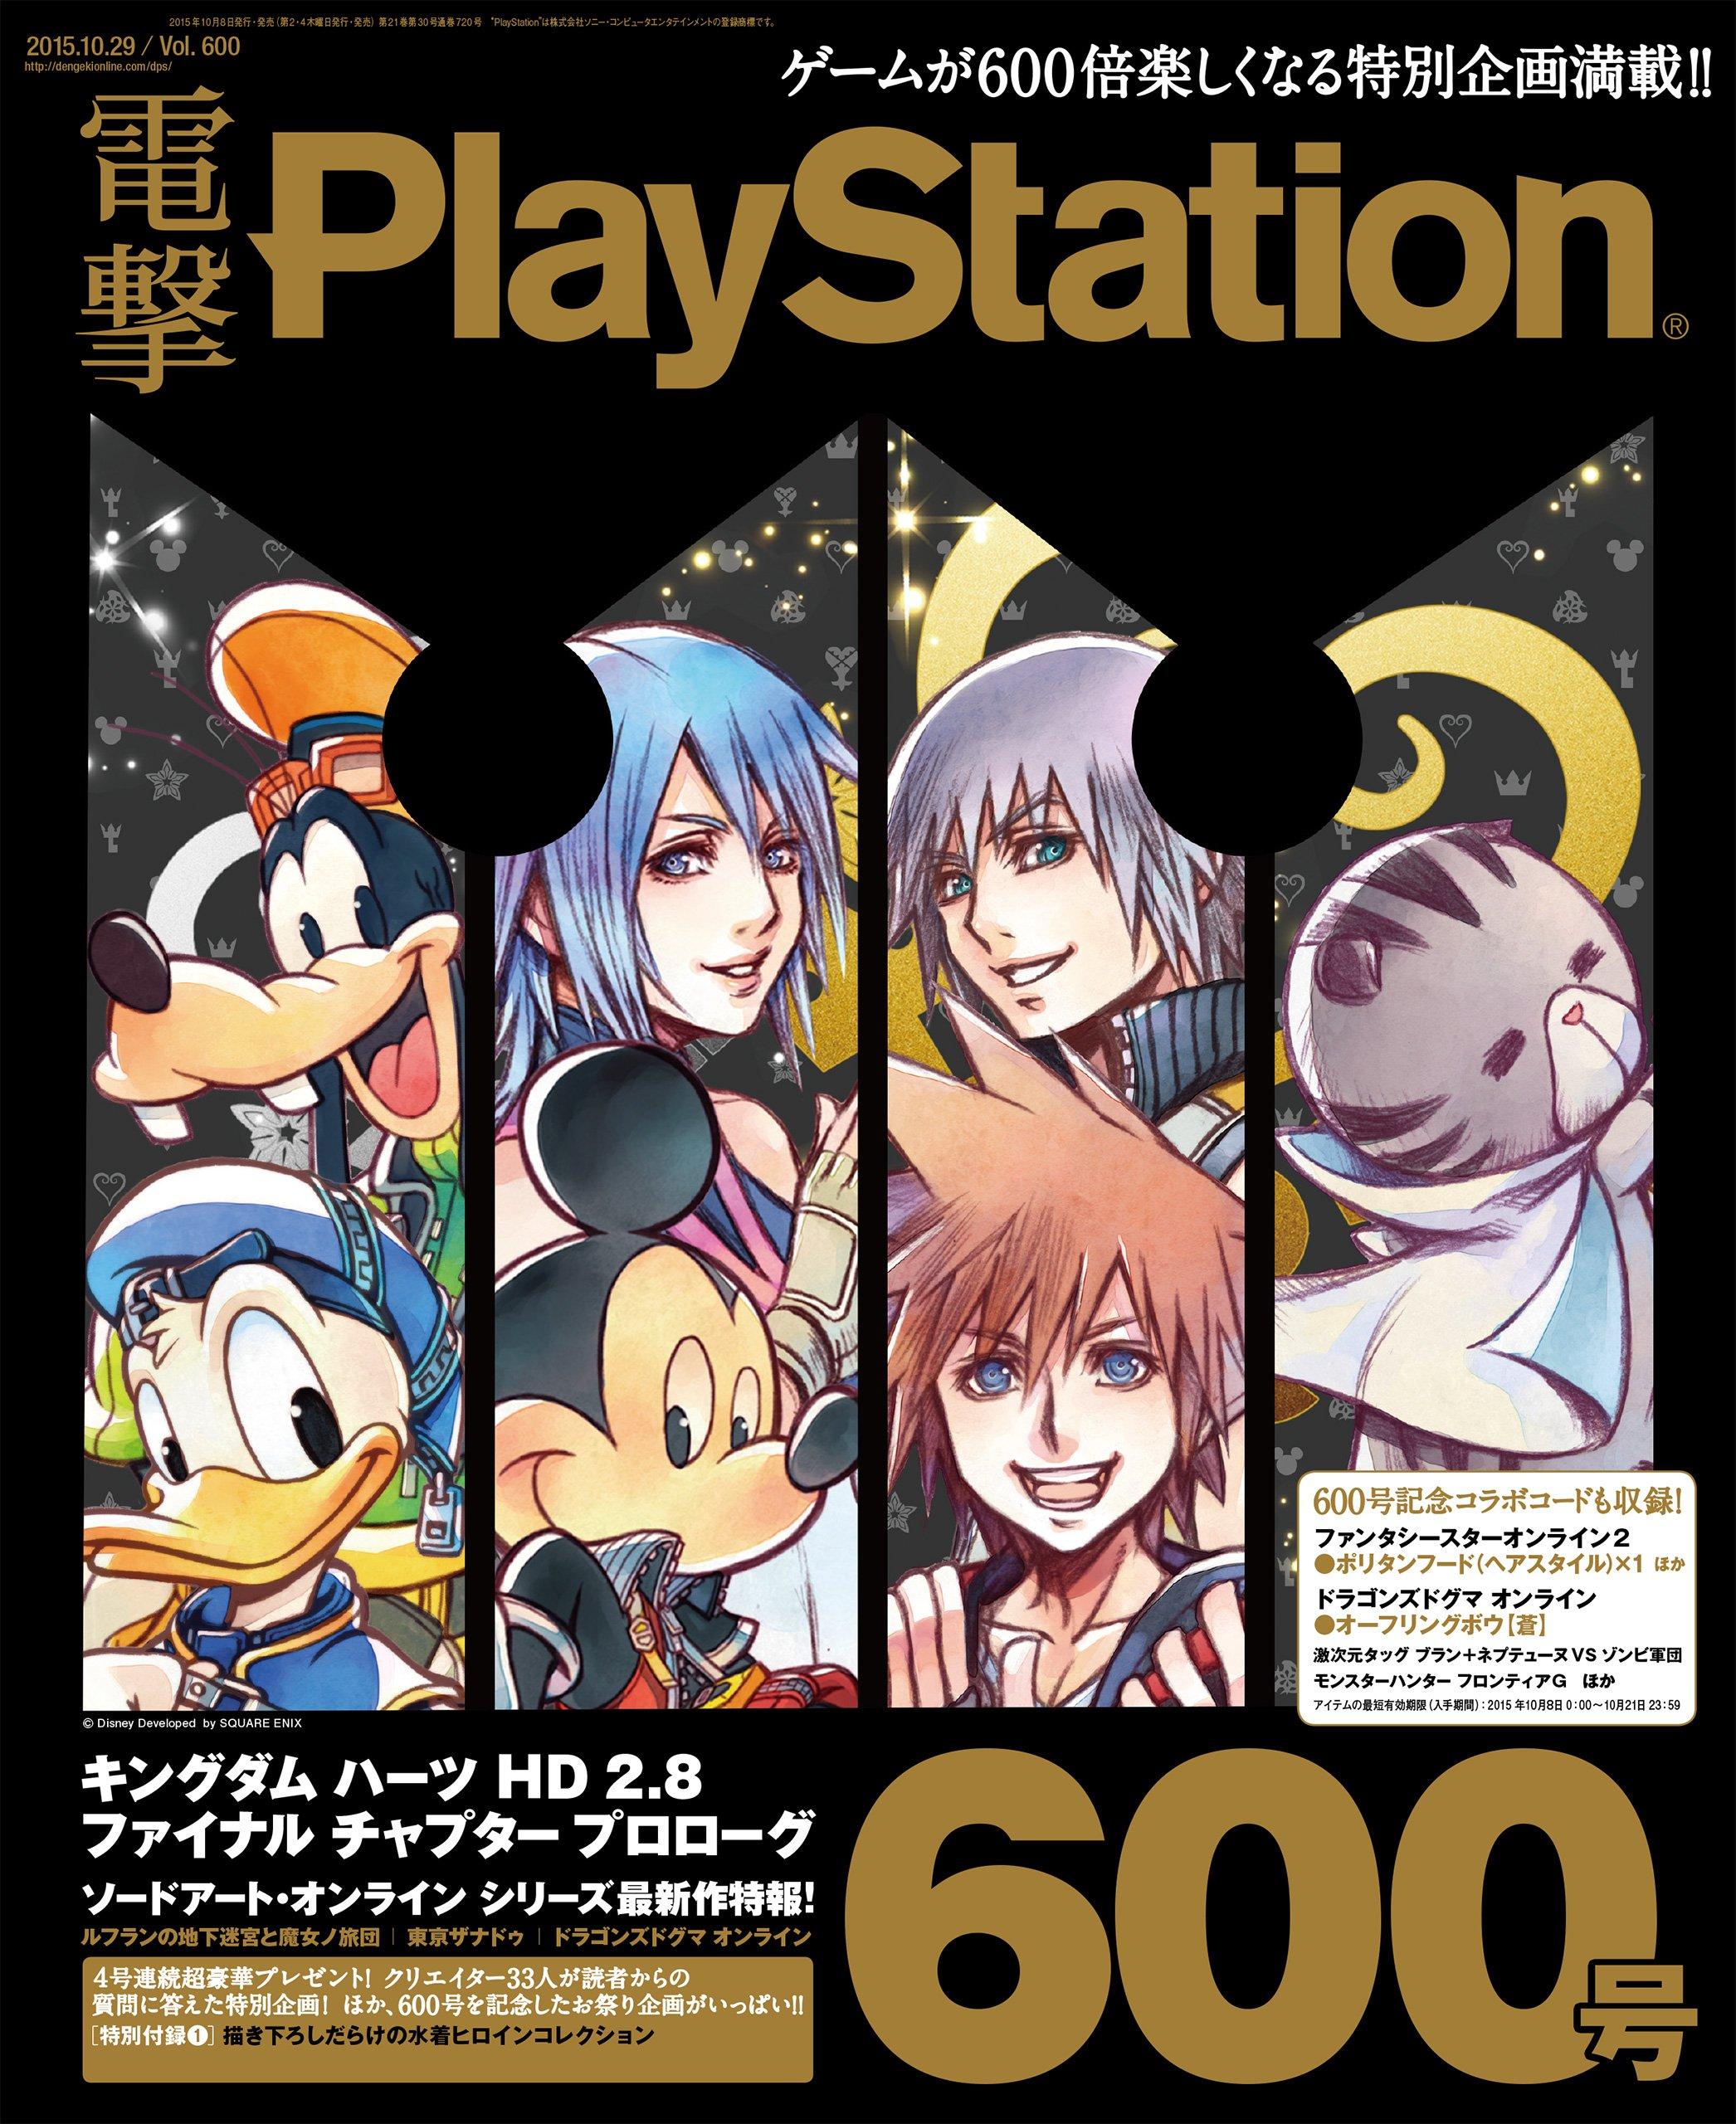 Dengeki PlayStation 600 (October 29, 2015)